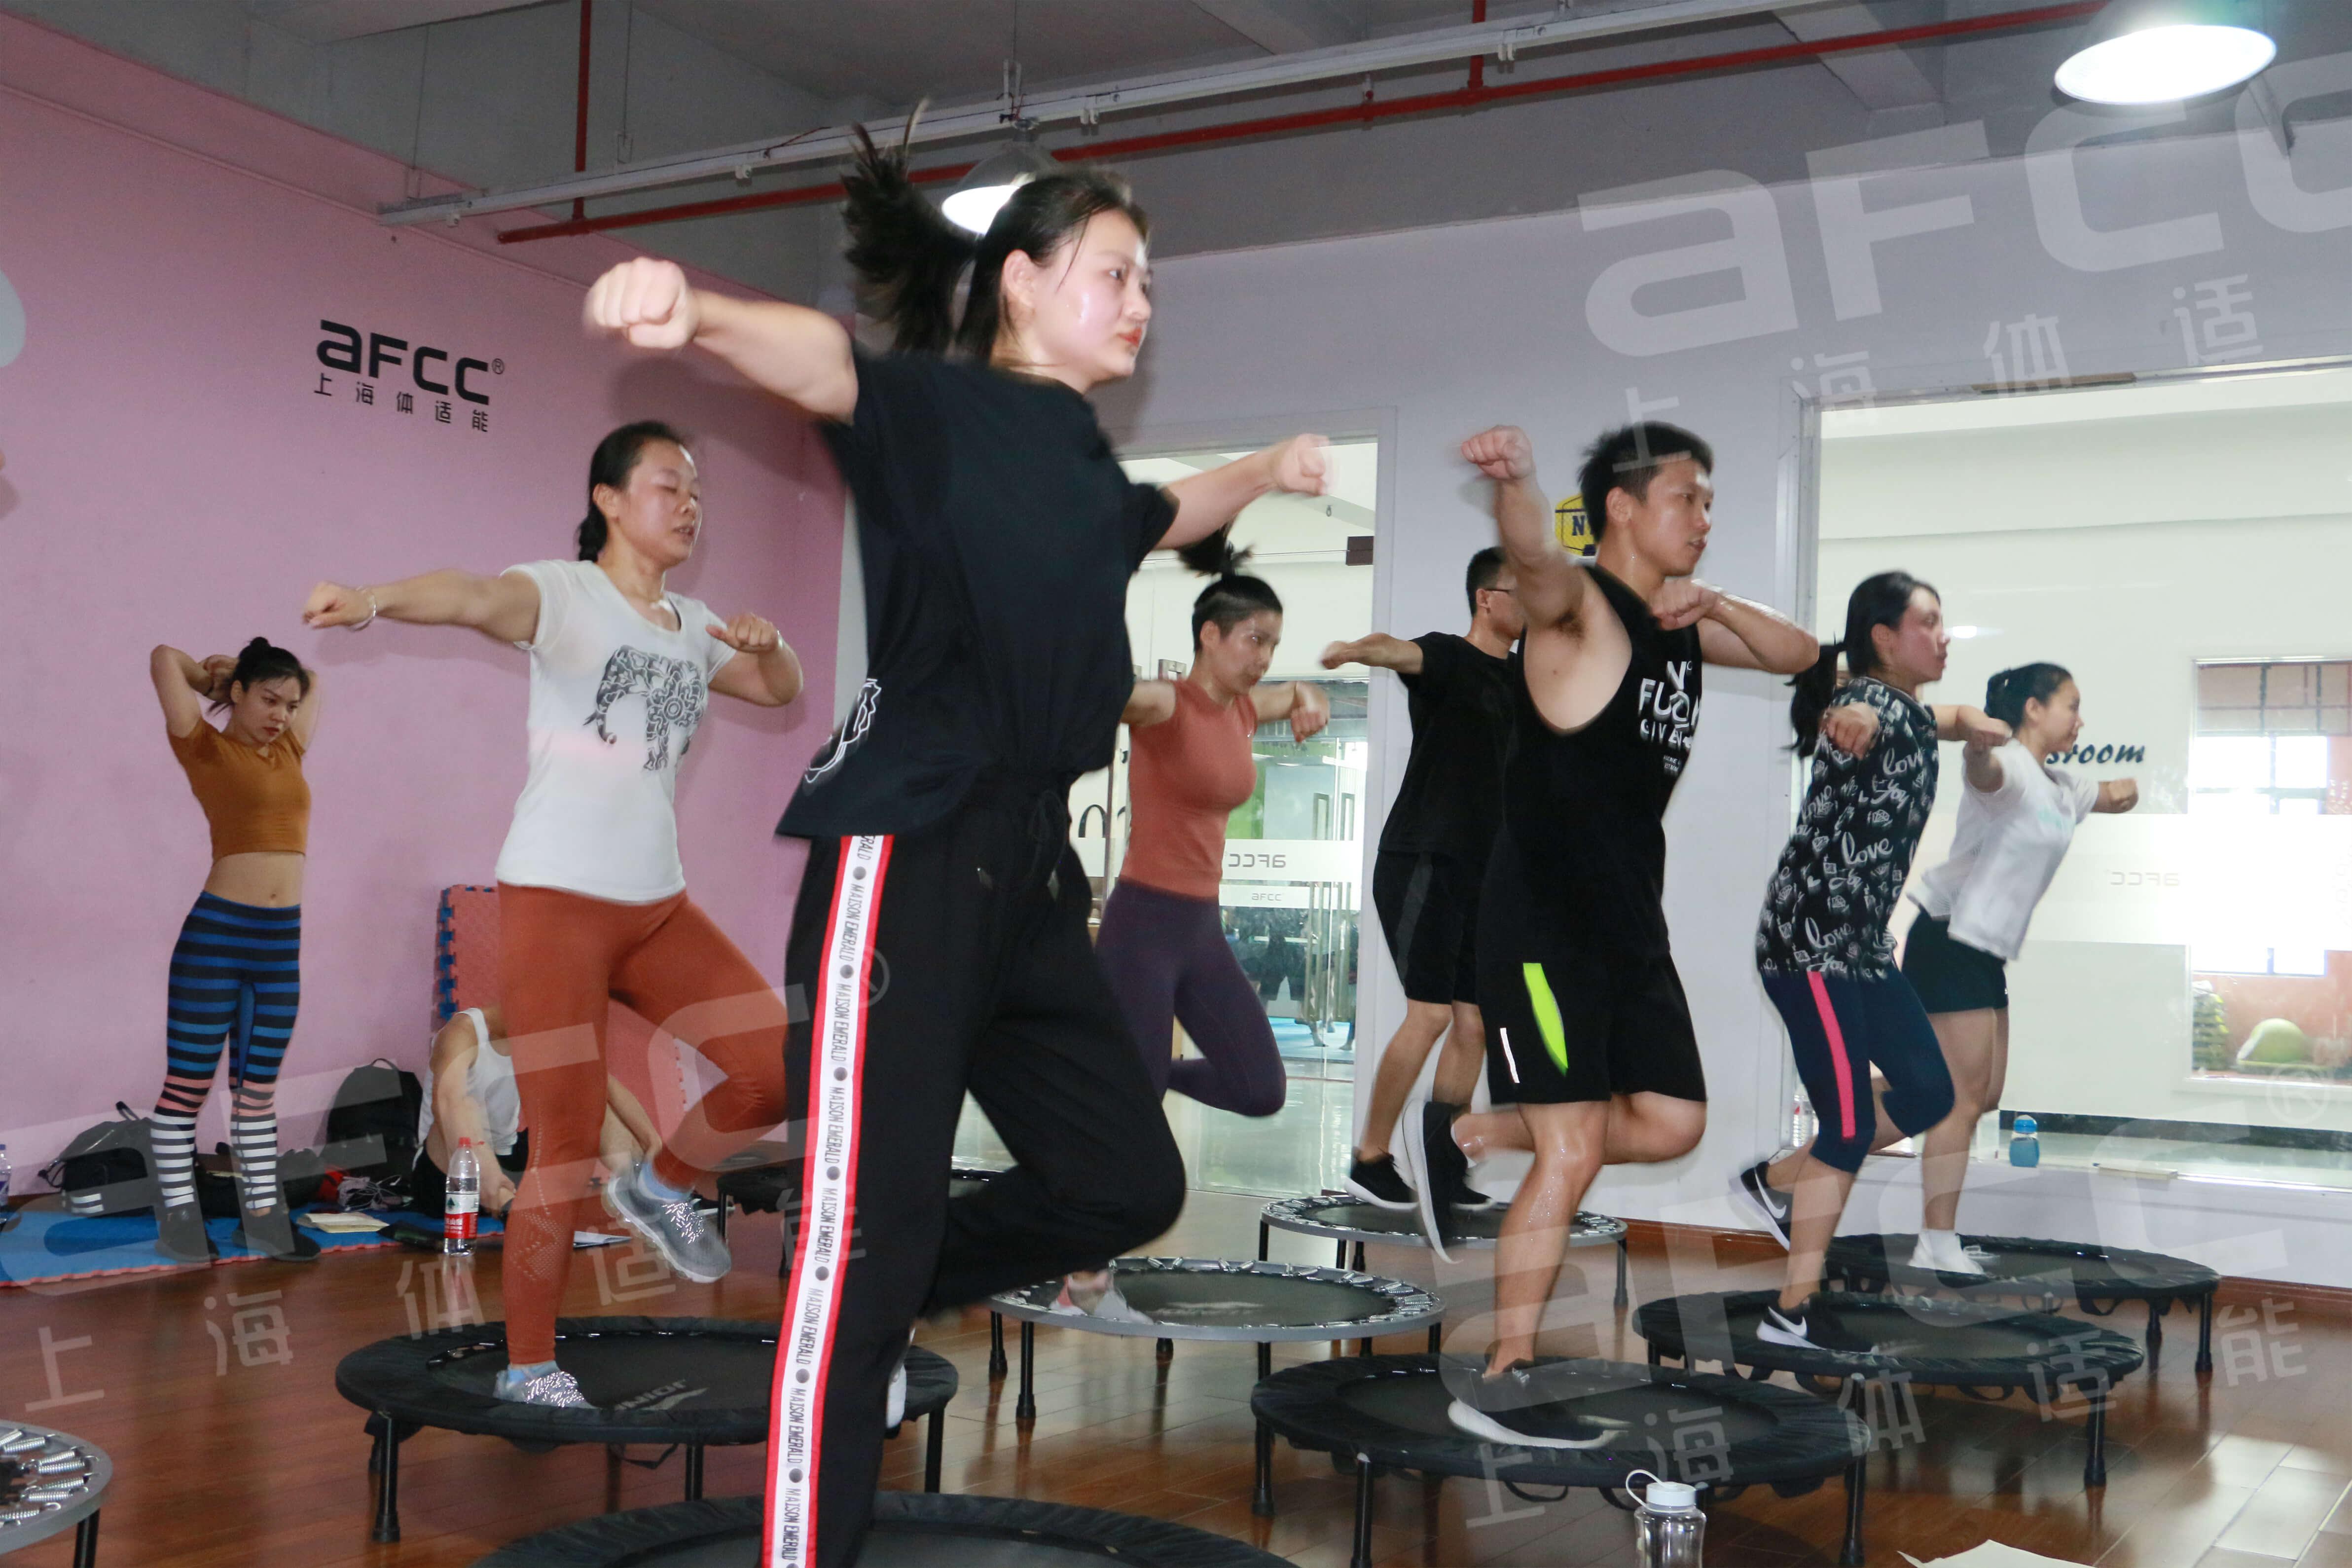 比起慢跑等普通运动,蹦床是更能消耗卡路里的健身方式